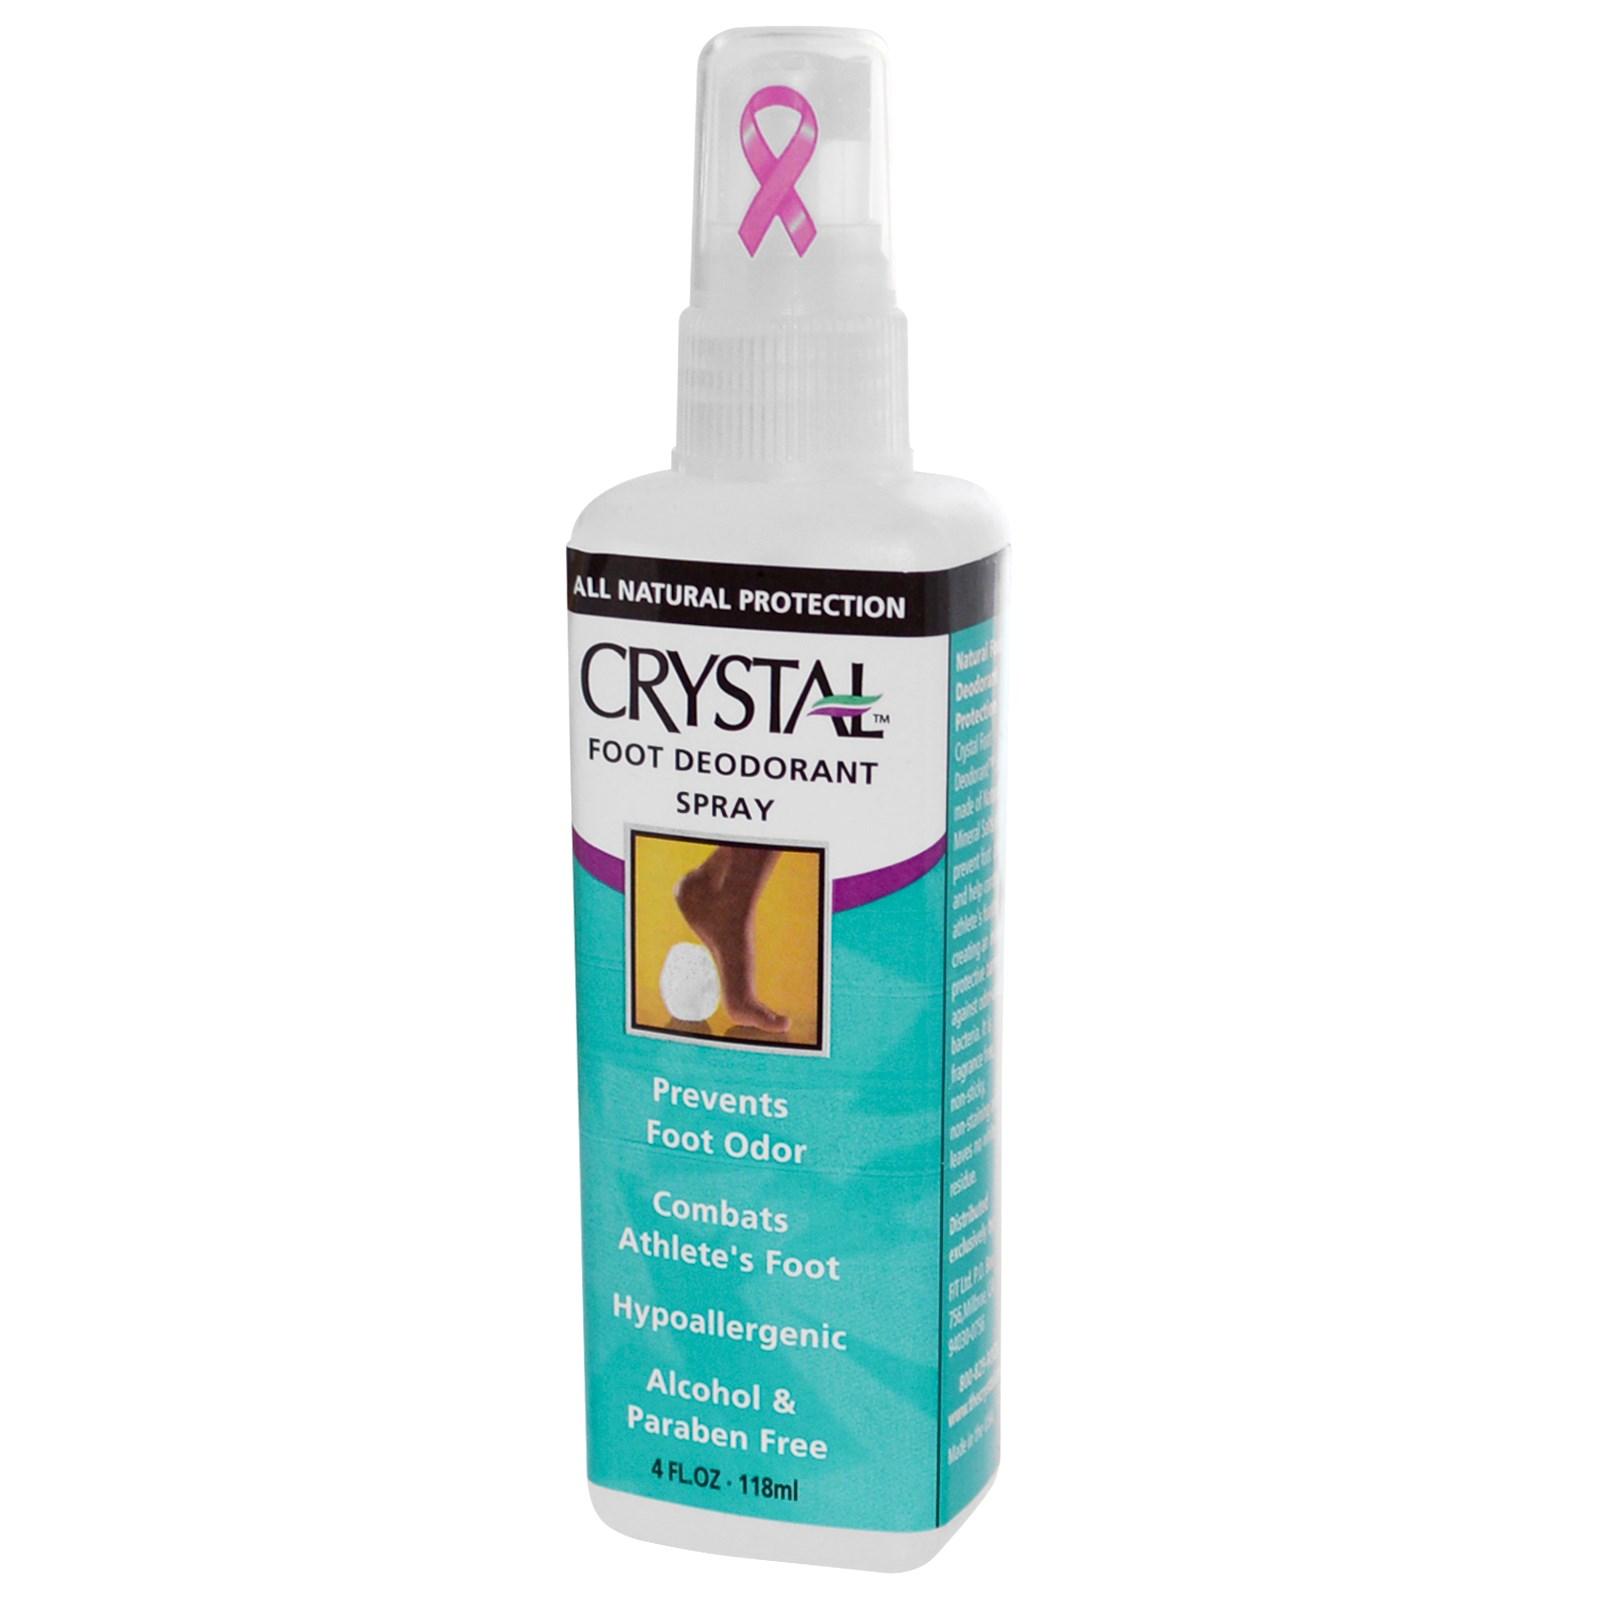 CRYSTAL Дезoдорант-спрей для ног / Crystal Sprey Foot 118млДезодоранты<br>Многие мужчины задаются вопросом, как найти среди большого количества разрекламированных дезодорантов натуральный спрей, эффективно защищающий ноги от возникновения резкого запаха? Антибактериальный спрей Crystal, созданный на основе натуральных препаратов, обеспечит безопасный и долговременный результат. Активные ингредиенты: раствор квасцов калия, обладающий антисептическим свойством, и минеральные соли. Способ применения: дезодорант для ног наносится на сухую, тщательно вымытую кожу. Для максимально эффективного использования средство рекомендуется распылить внутри обуви.<br><br>Тип: Дезодорант-спрей<br>Назначение: Запах